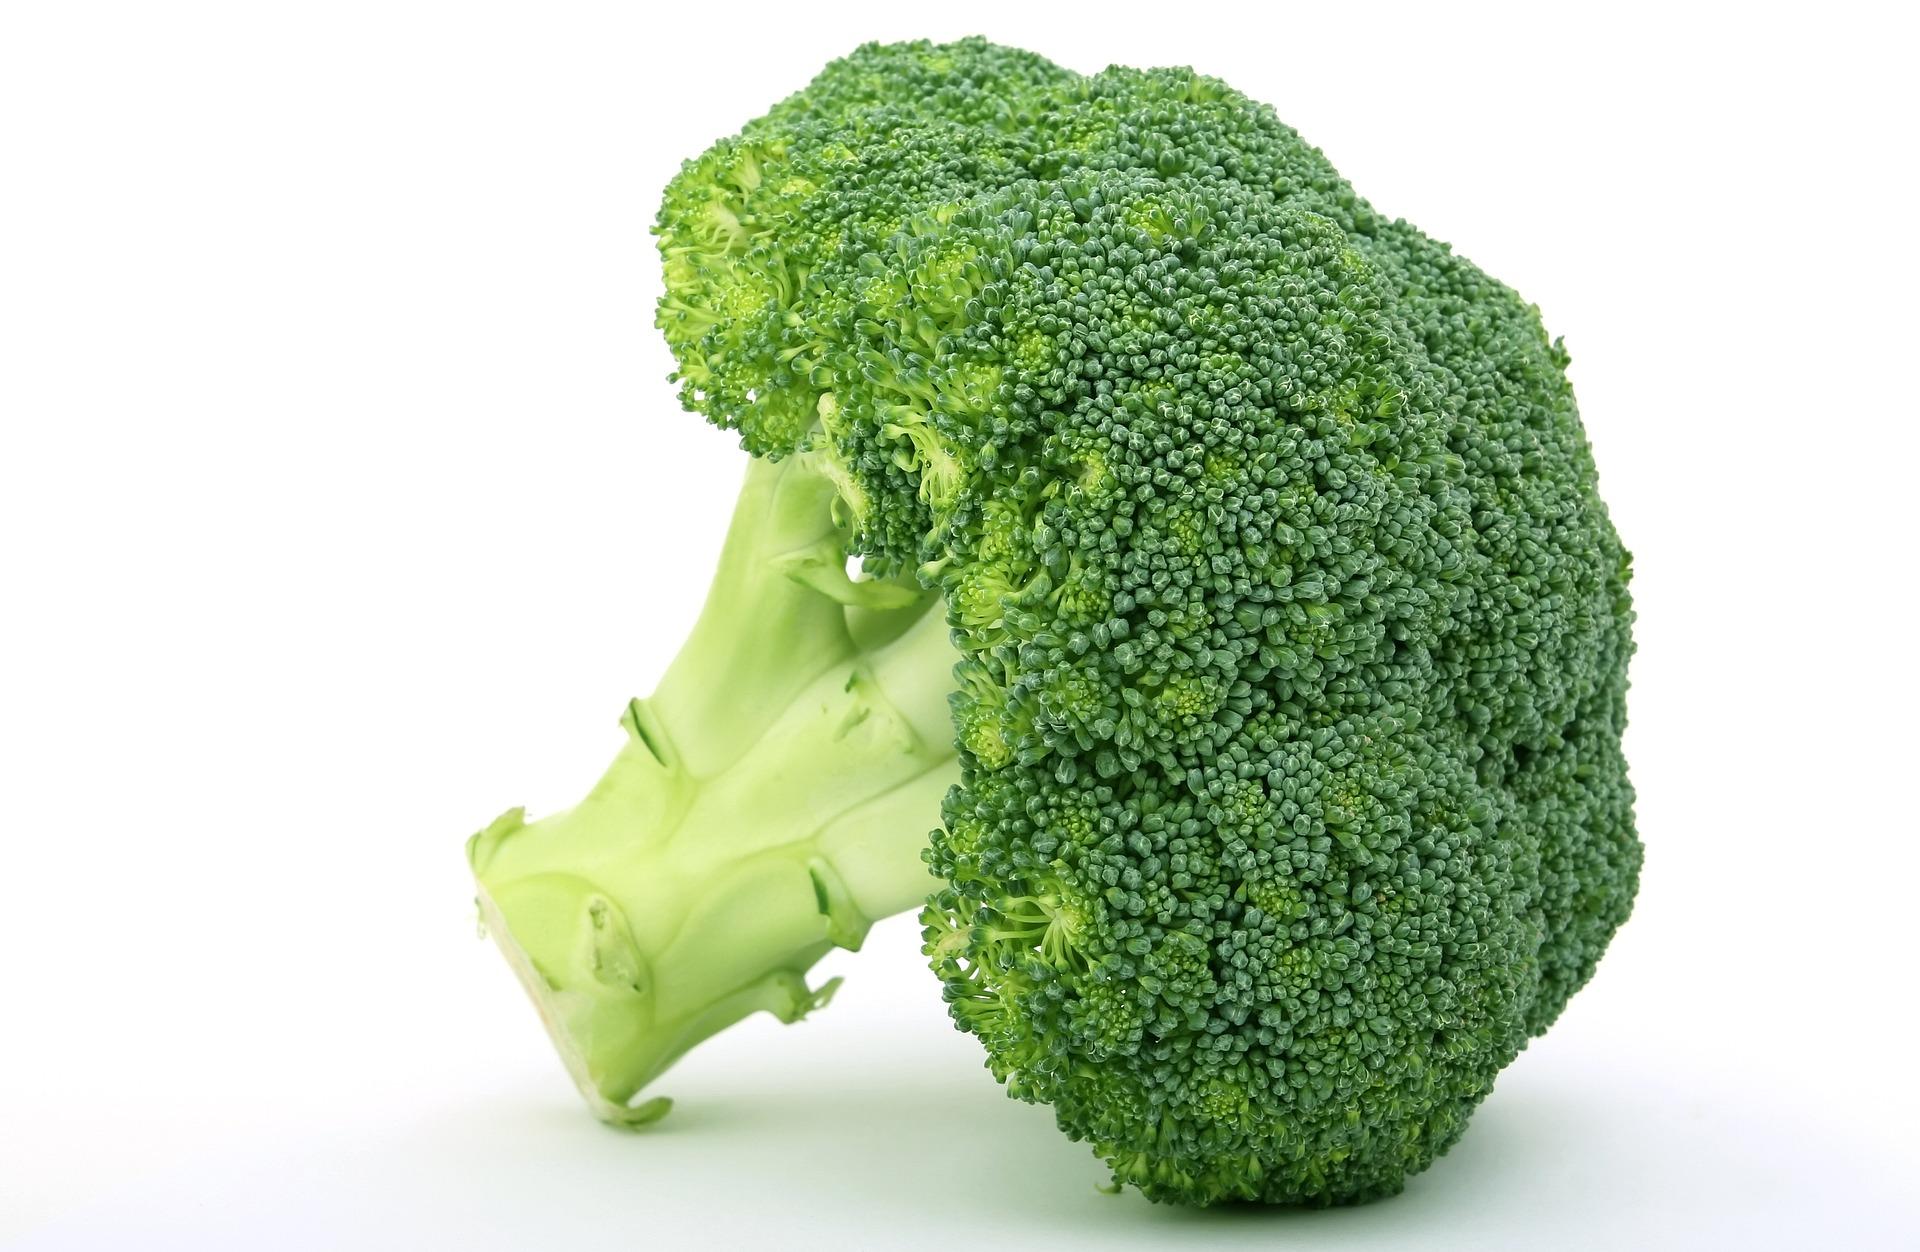 ブロッコリーの特徴とおすすめレシピ、食品成分表